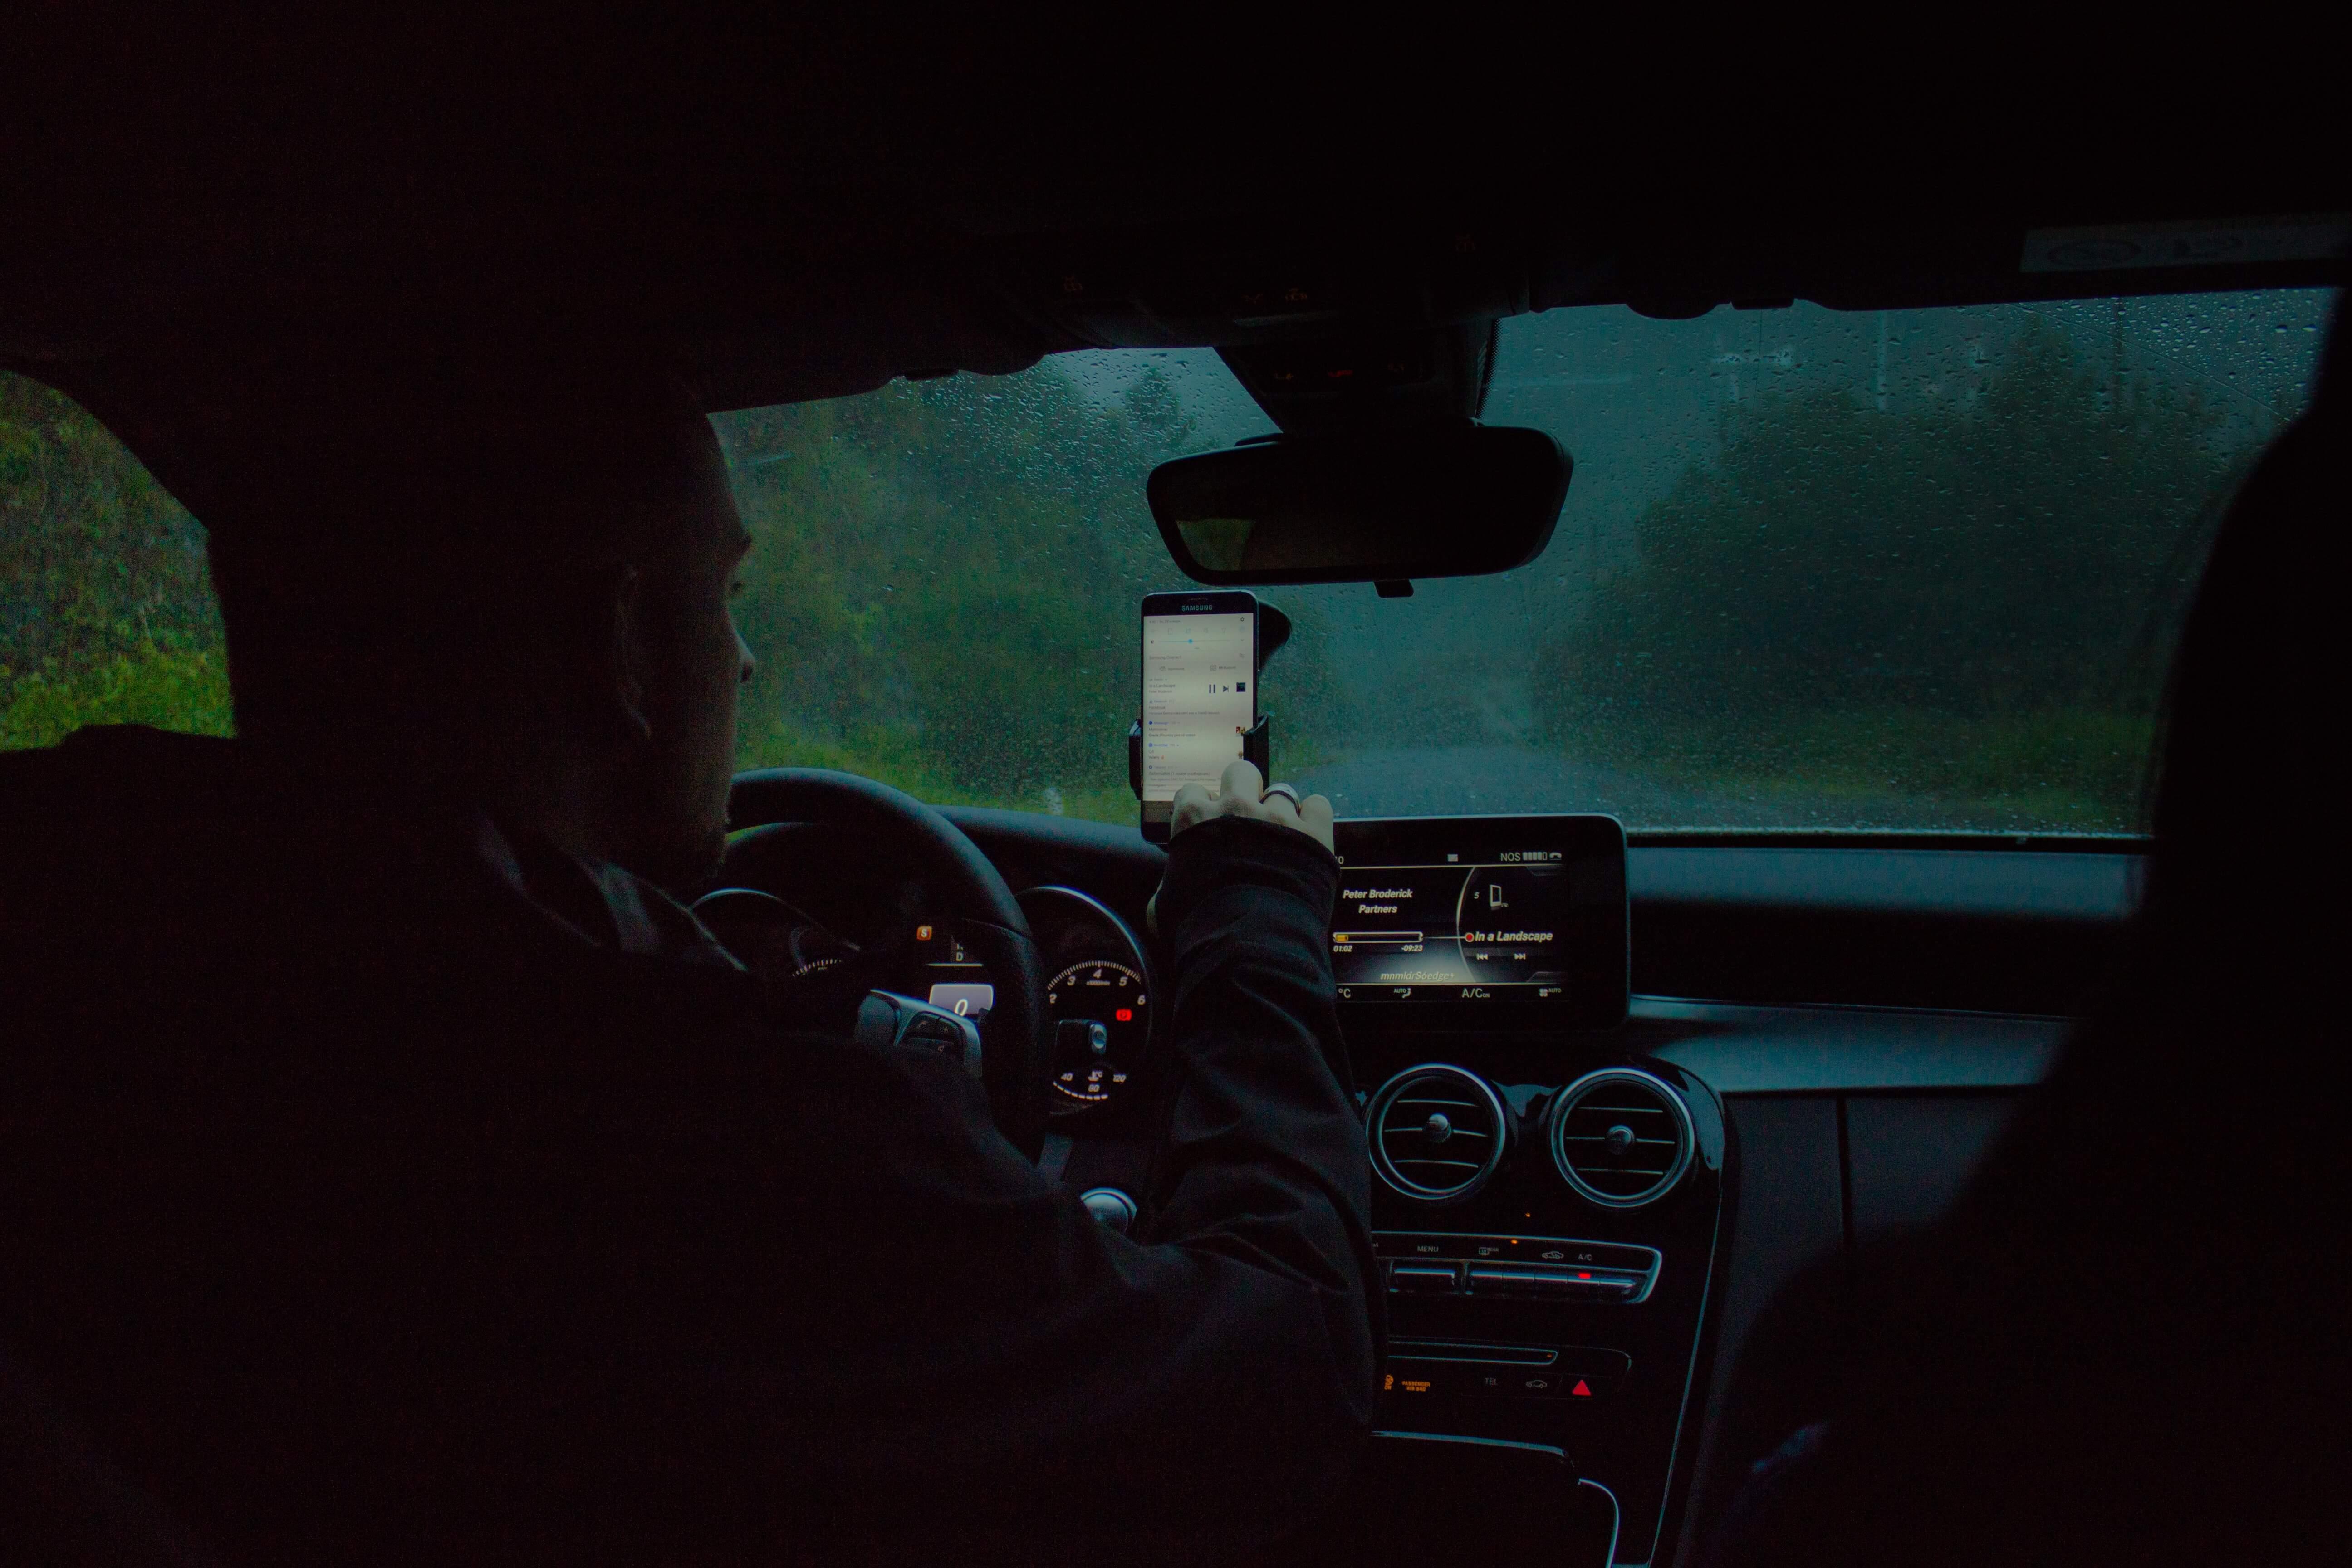 Un chauffeur distrait au volant condamné à de la prison